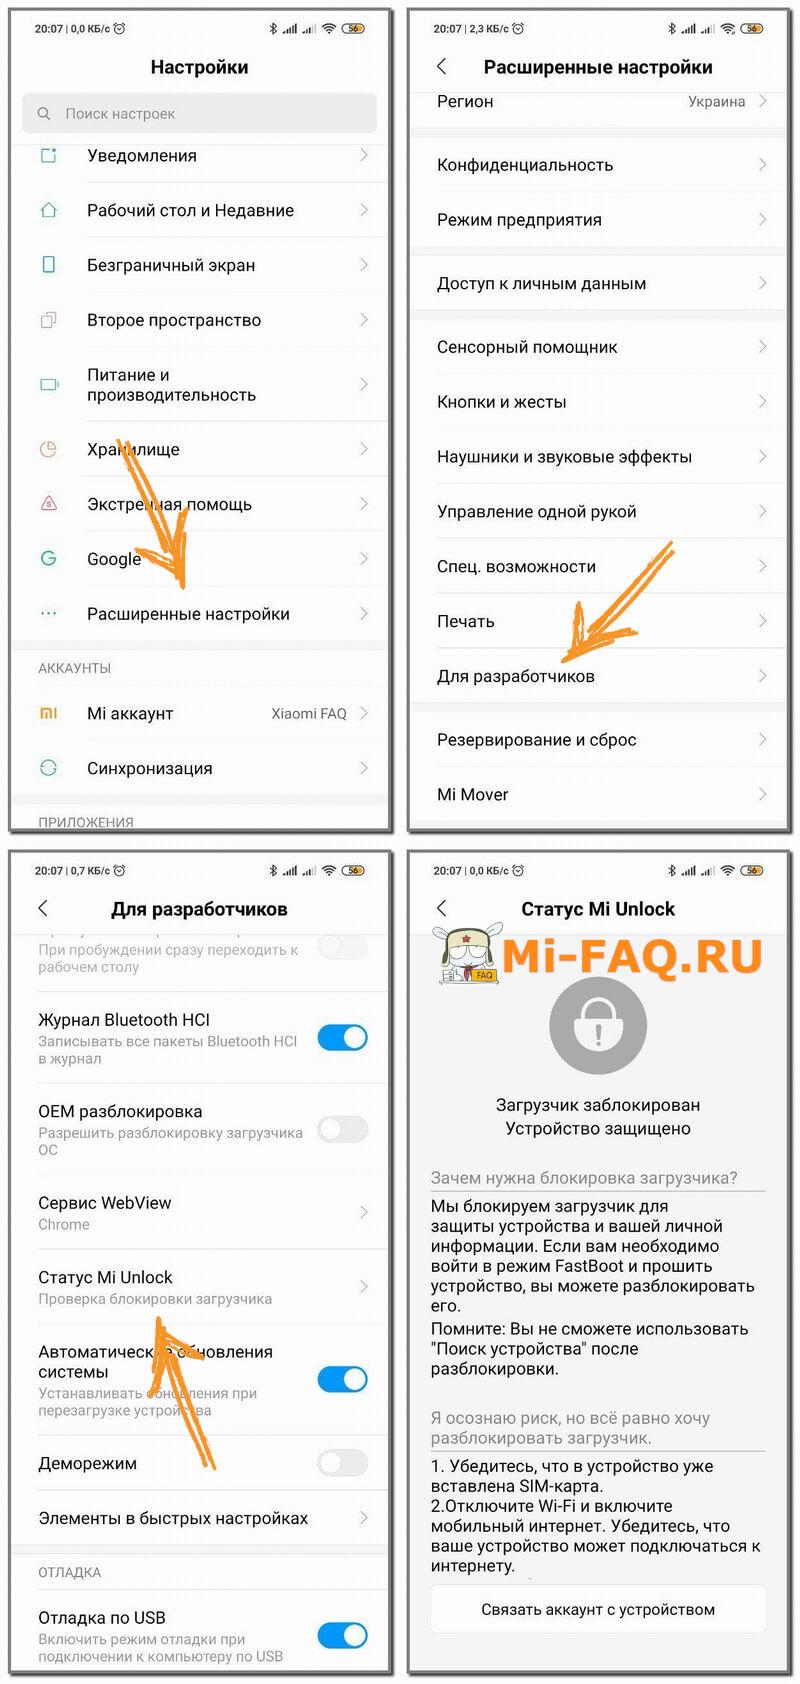 Как проверить статус загрузчика на телефоне Xiaomi